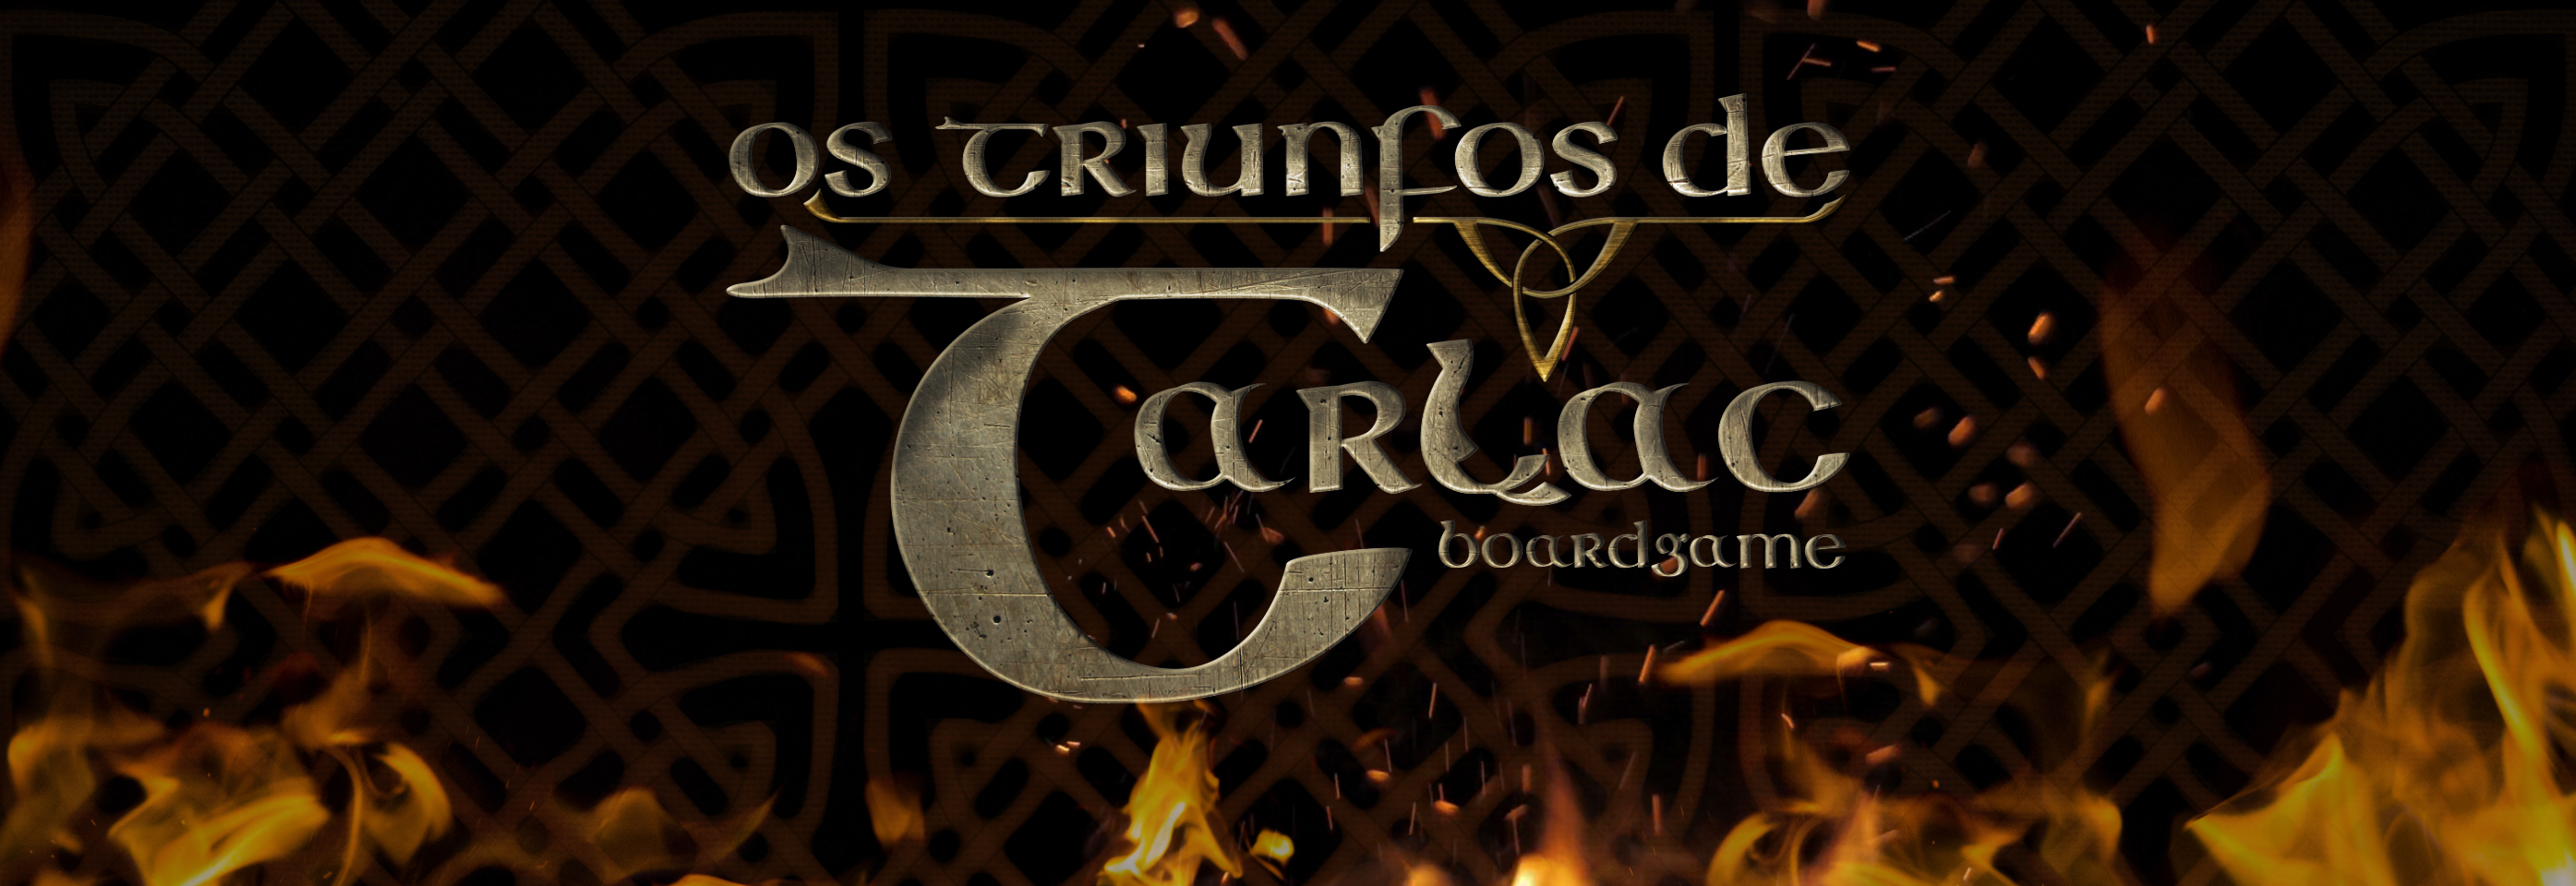 banner-tarlac_0_0.png